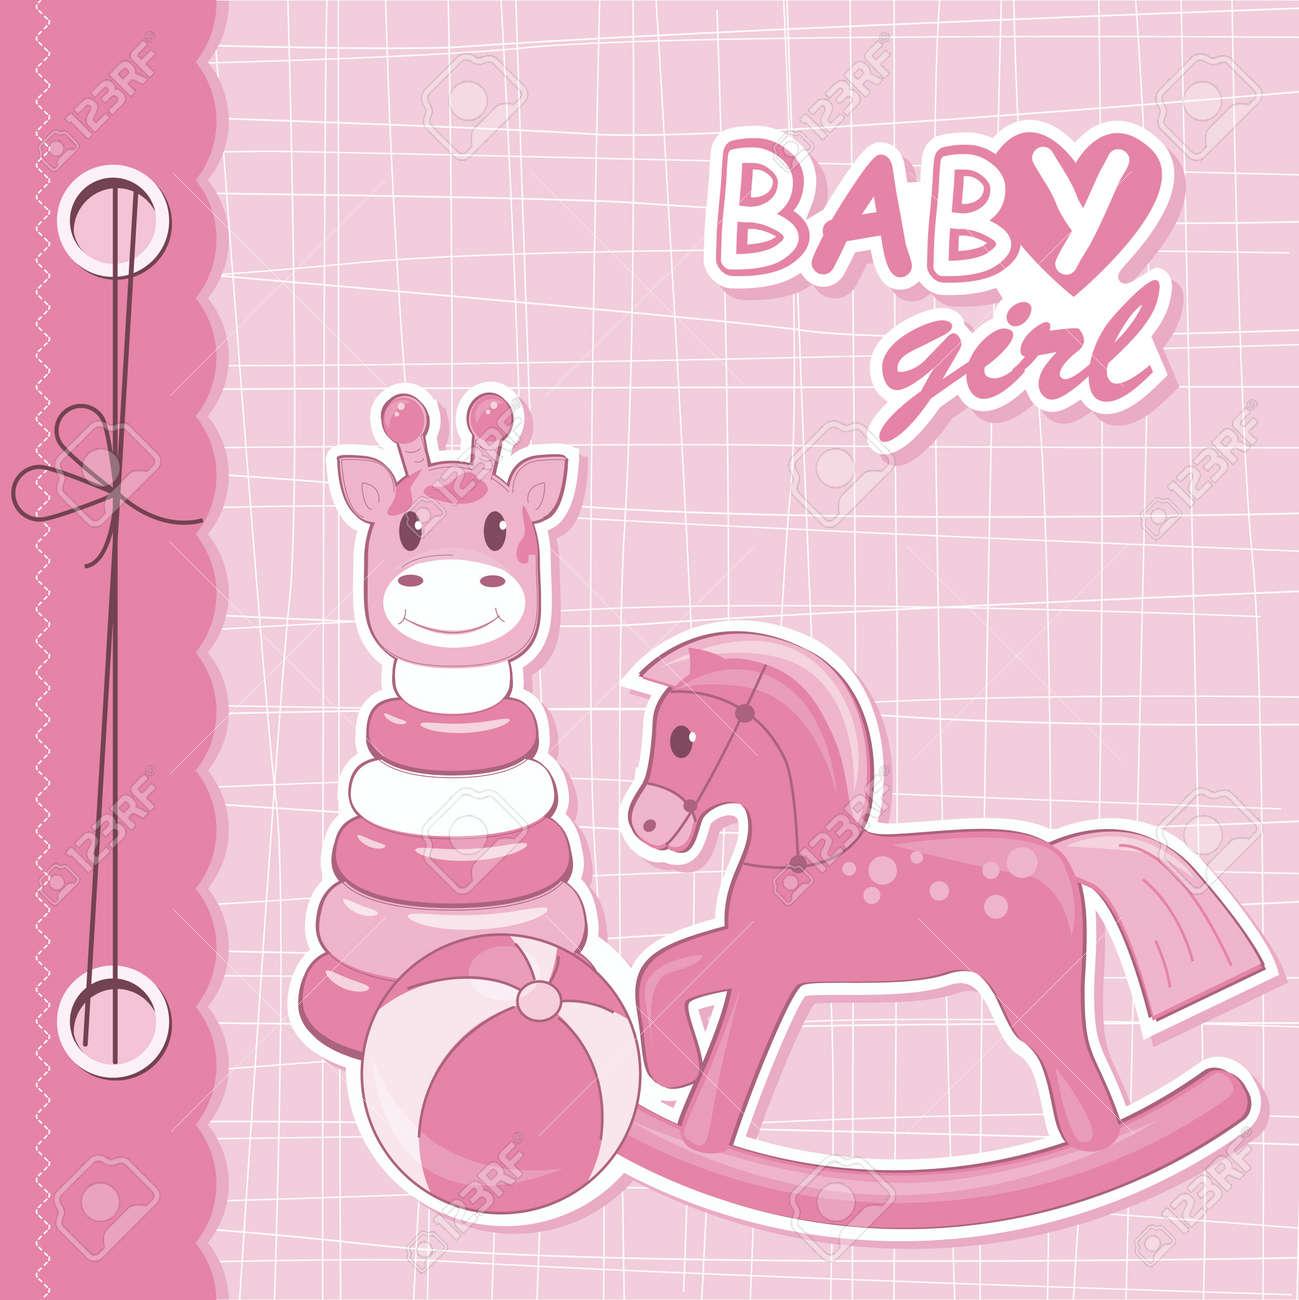 How to scrapbook for baby girl - Vector Vector Baby Girl Scrapbook